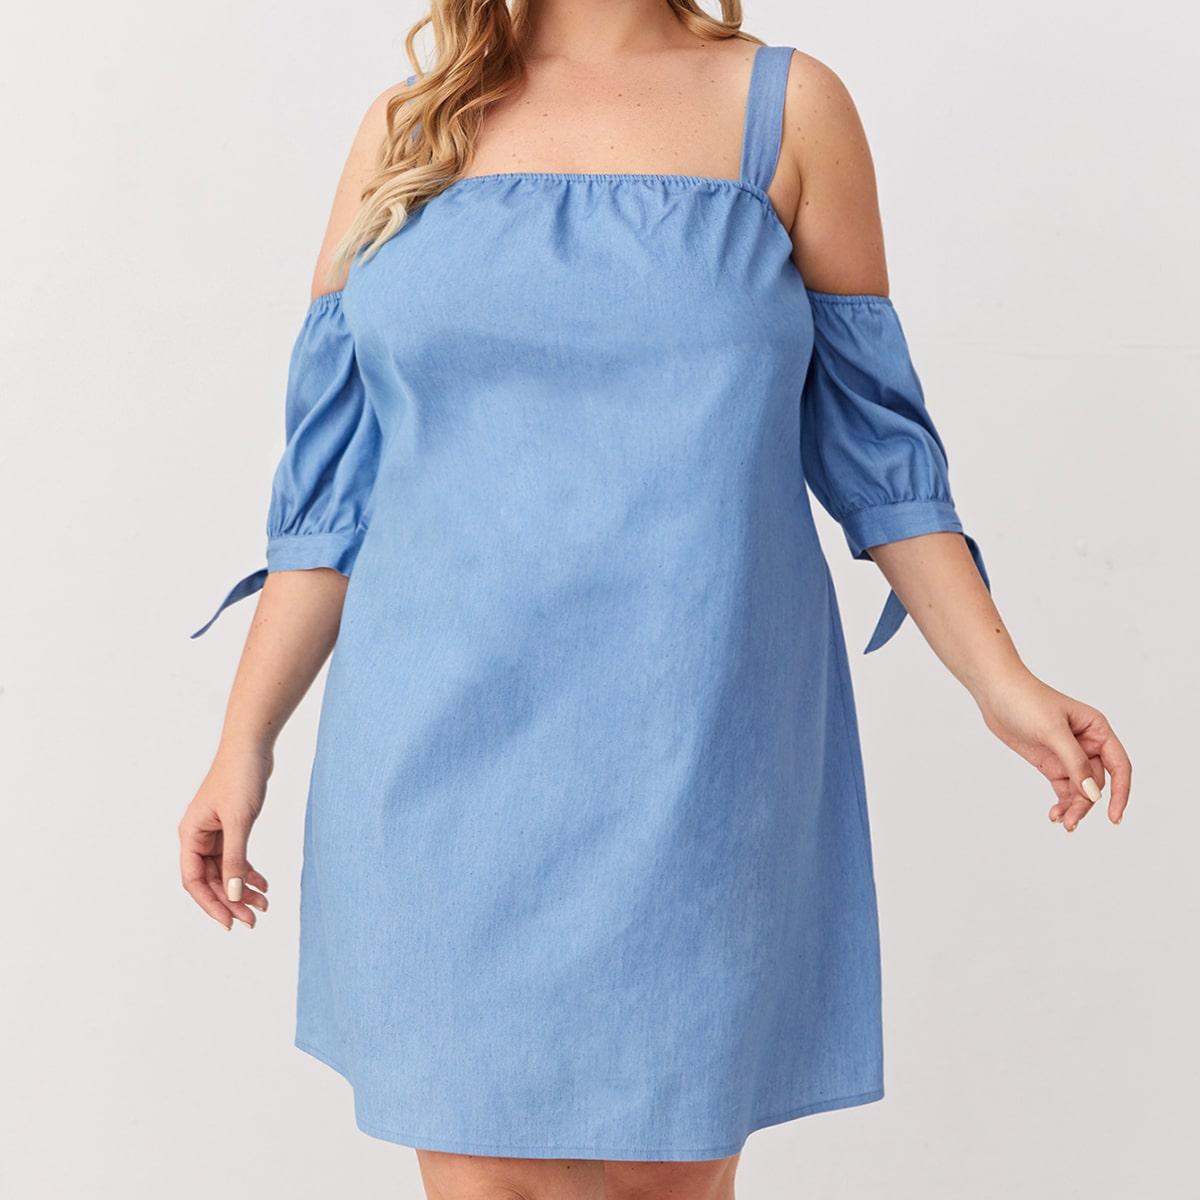 Джинсовое платье размера плюс с открытыми плечами